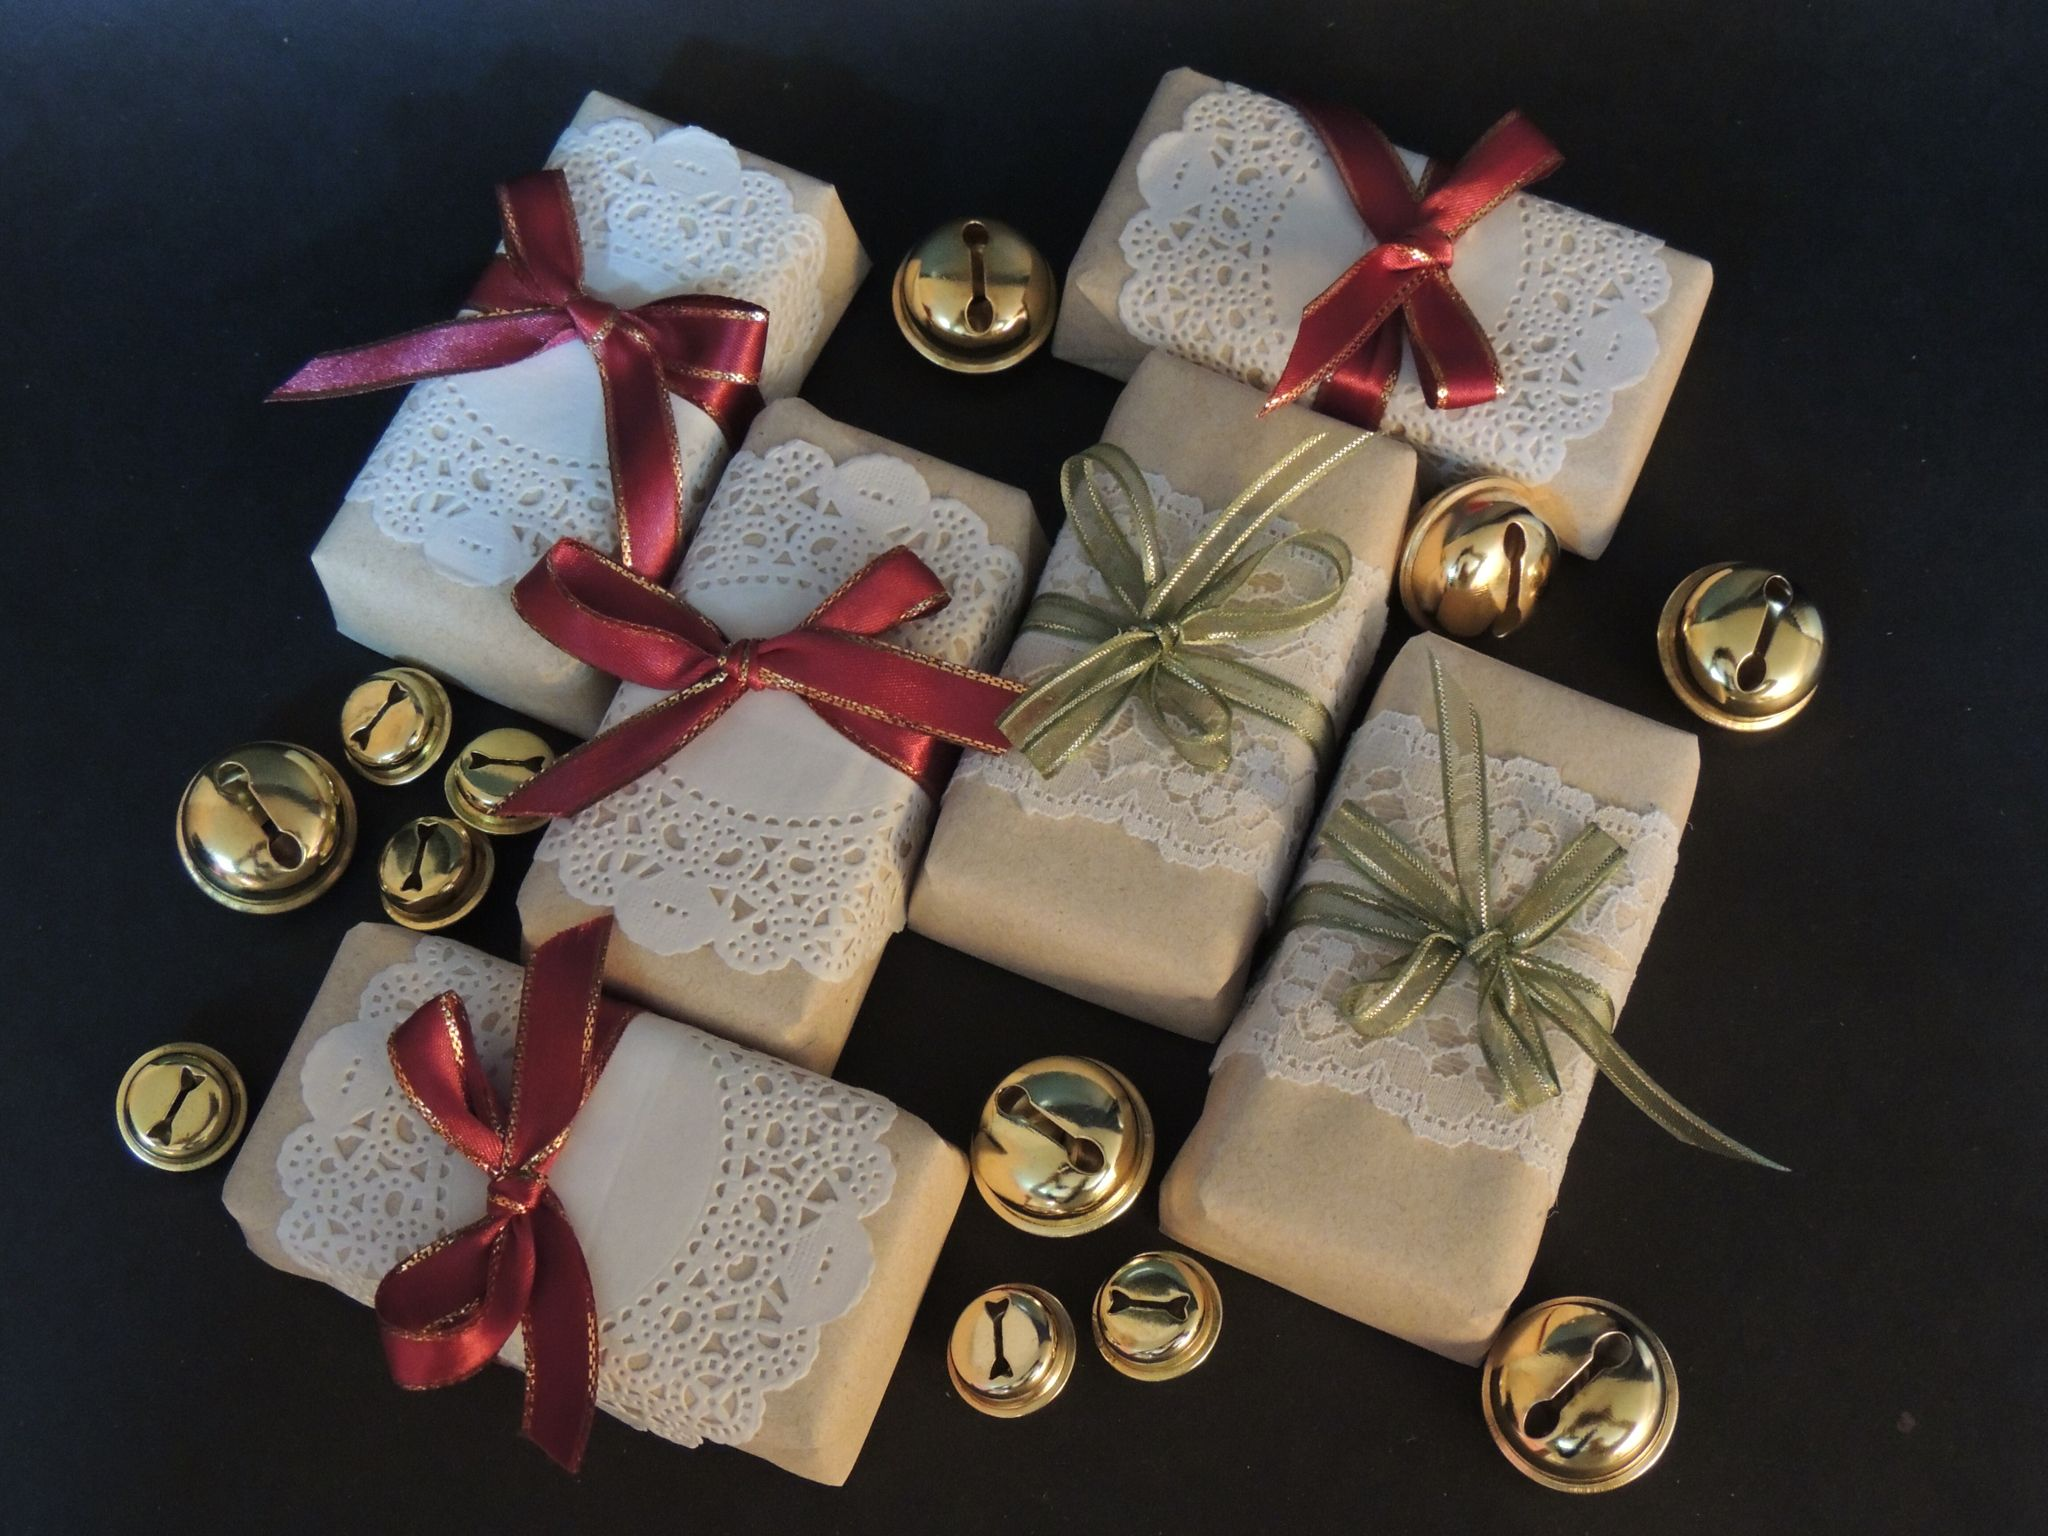 Jabones decorados para navidad regalo empaque adornos - Adornos navidenos artesanales ...